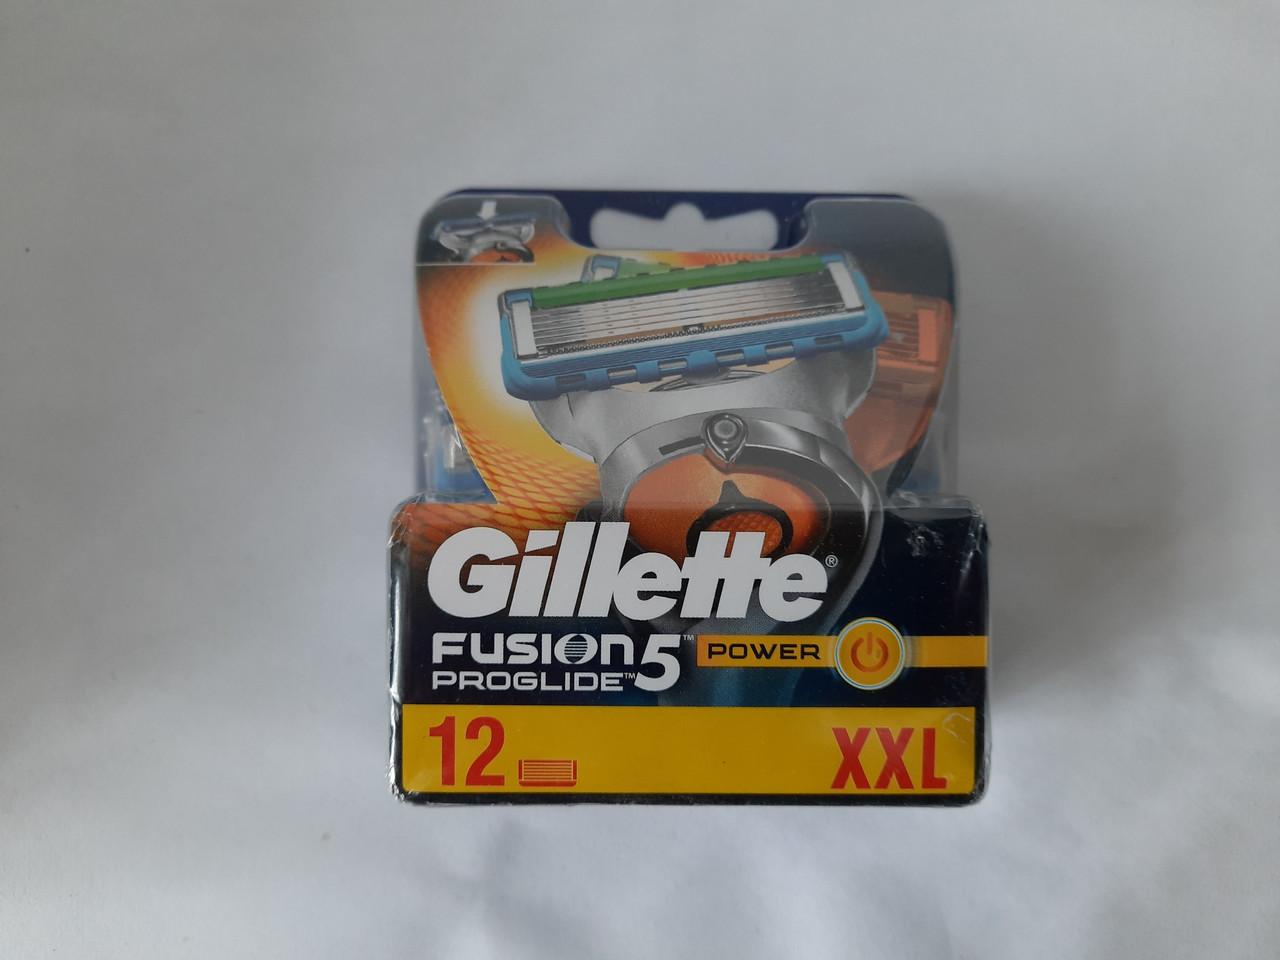 Кассеты для бритья Gillette Fusion Proglide Power 12 шт. ( Жиллет Фюжин проглейд повер оригинал )